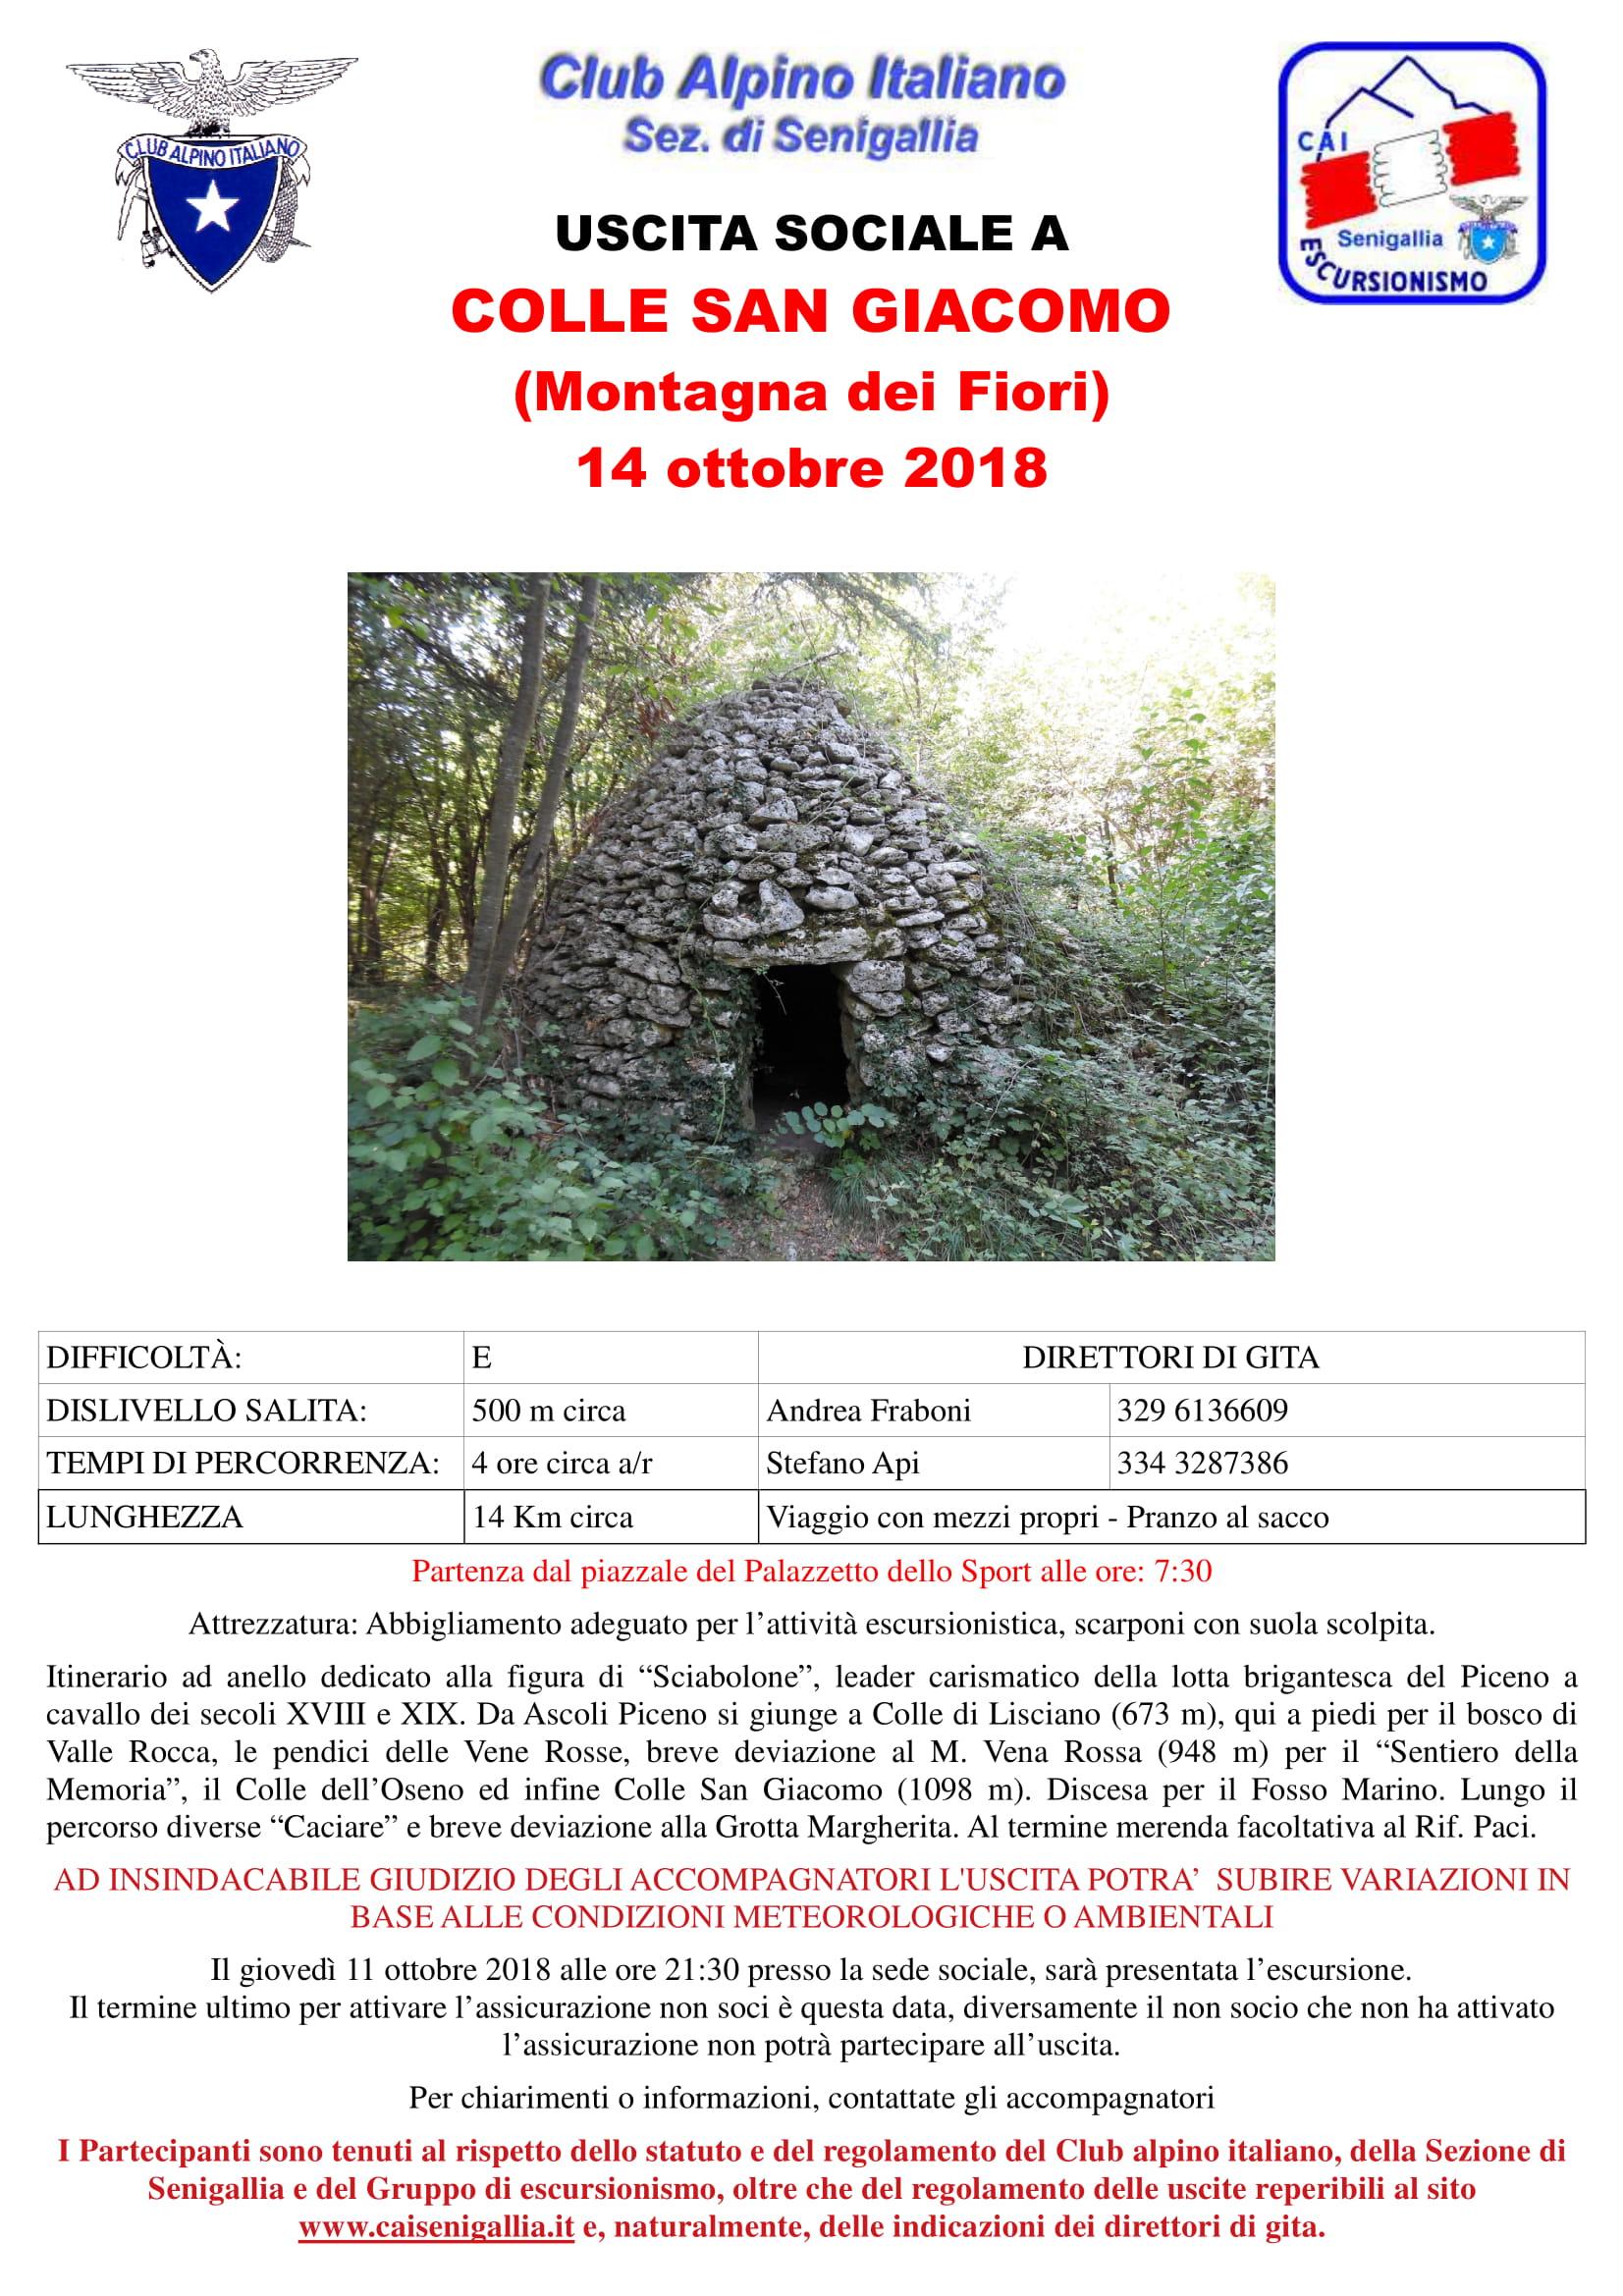 Colle San Giacomo